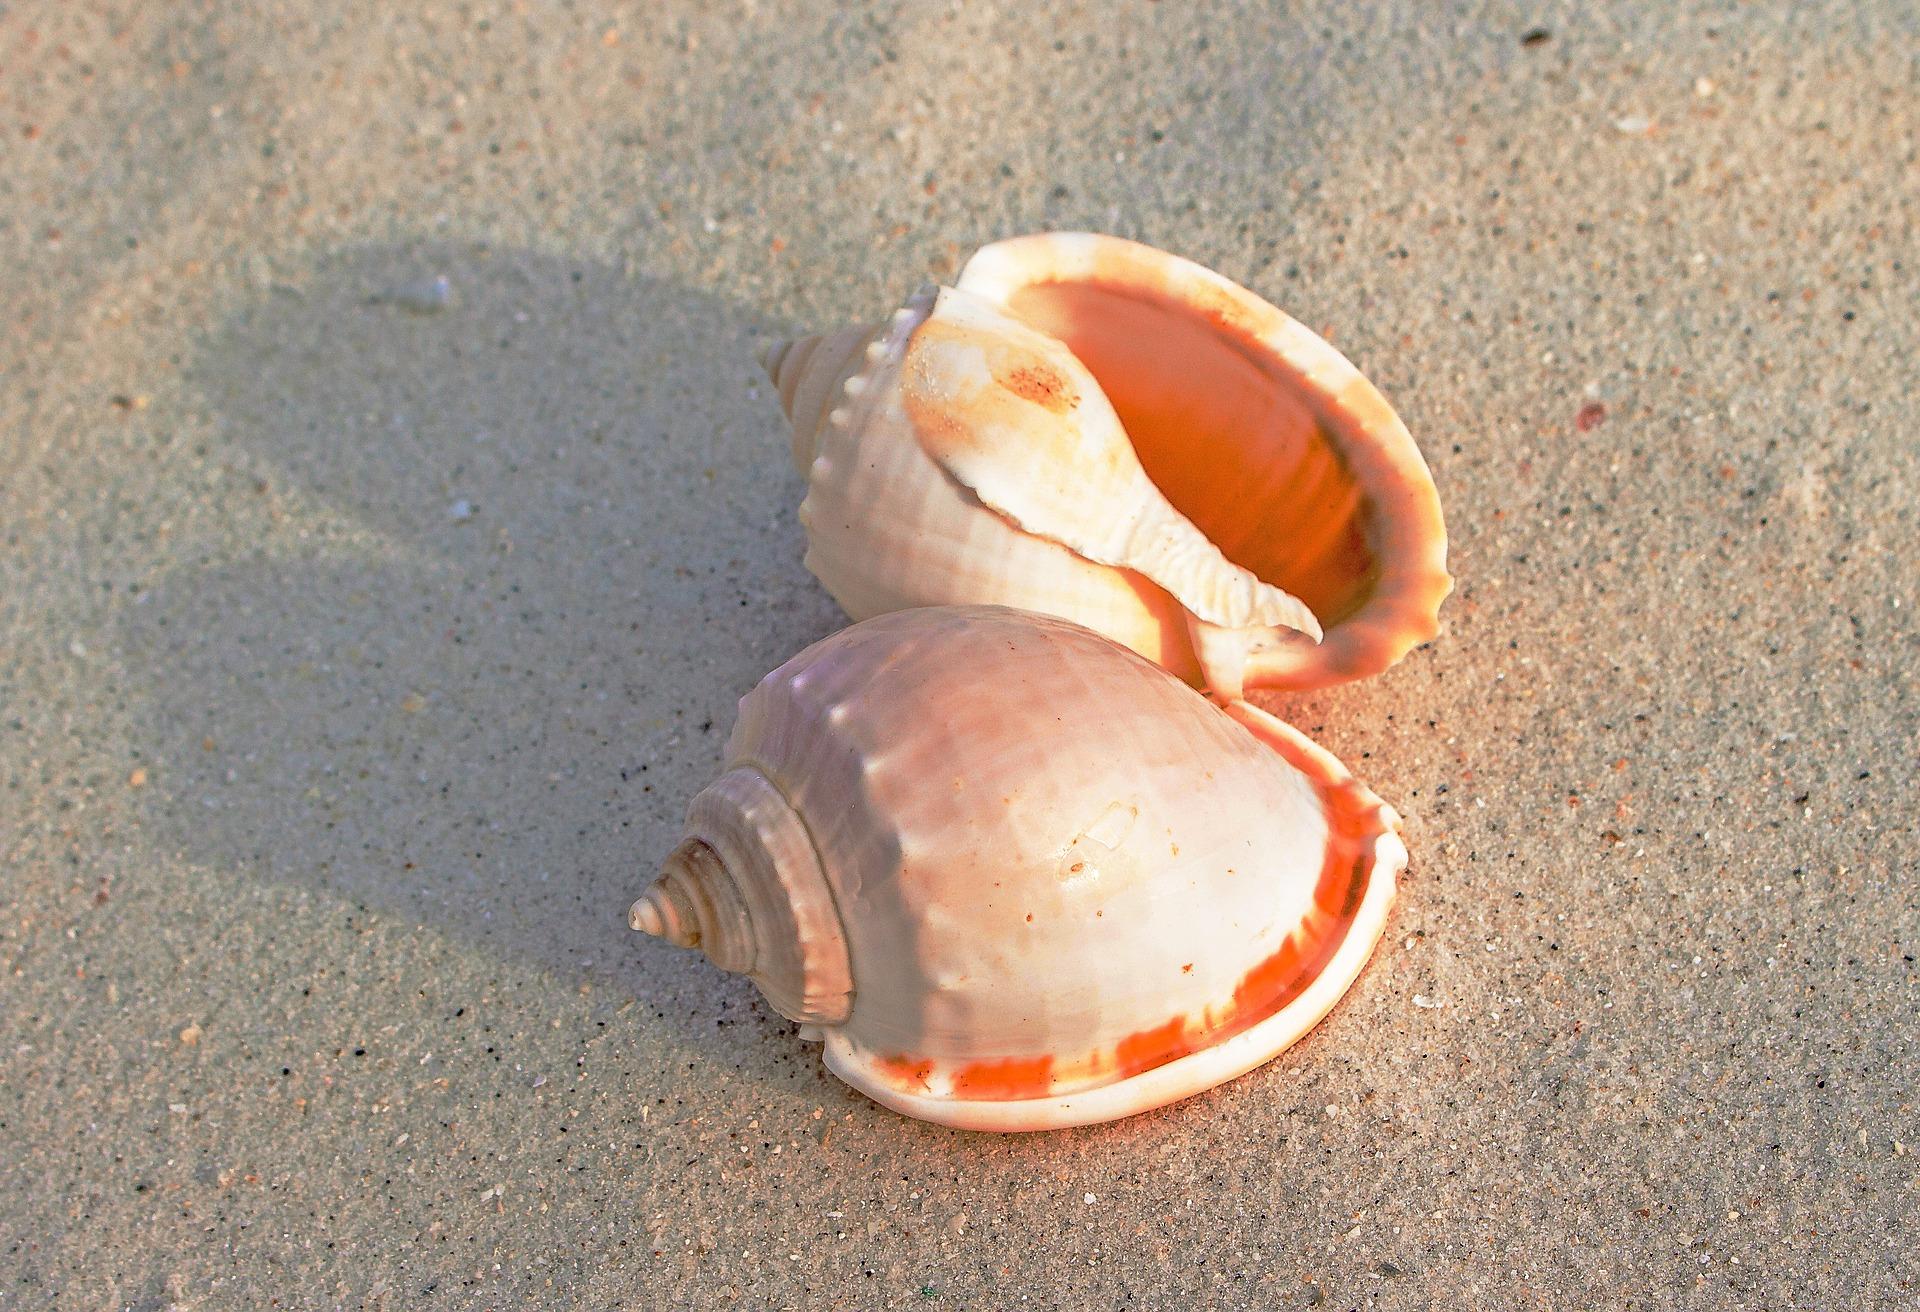 obus, sable, Plage, mollusques, Marino - Fonds d'écran HD - Professor-falken.com